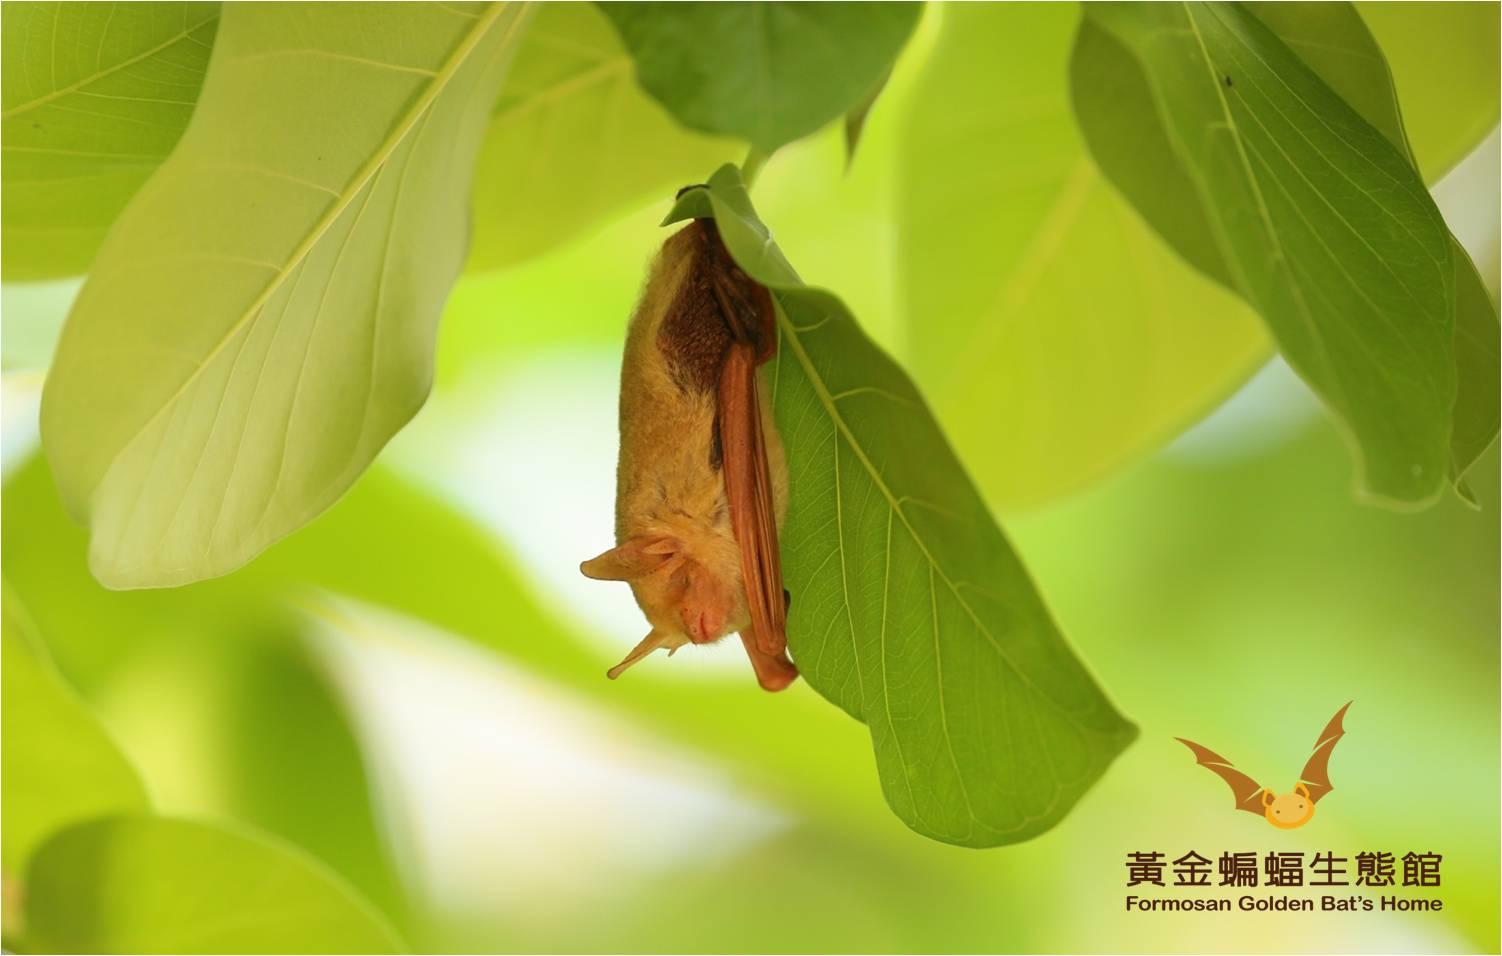 獨棲在孟加拉榕的金黃鼠耳蝠